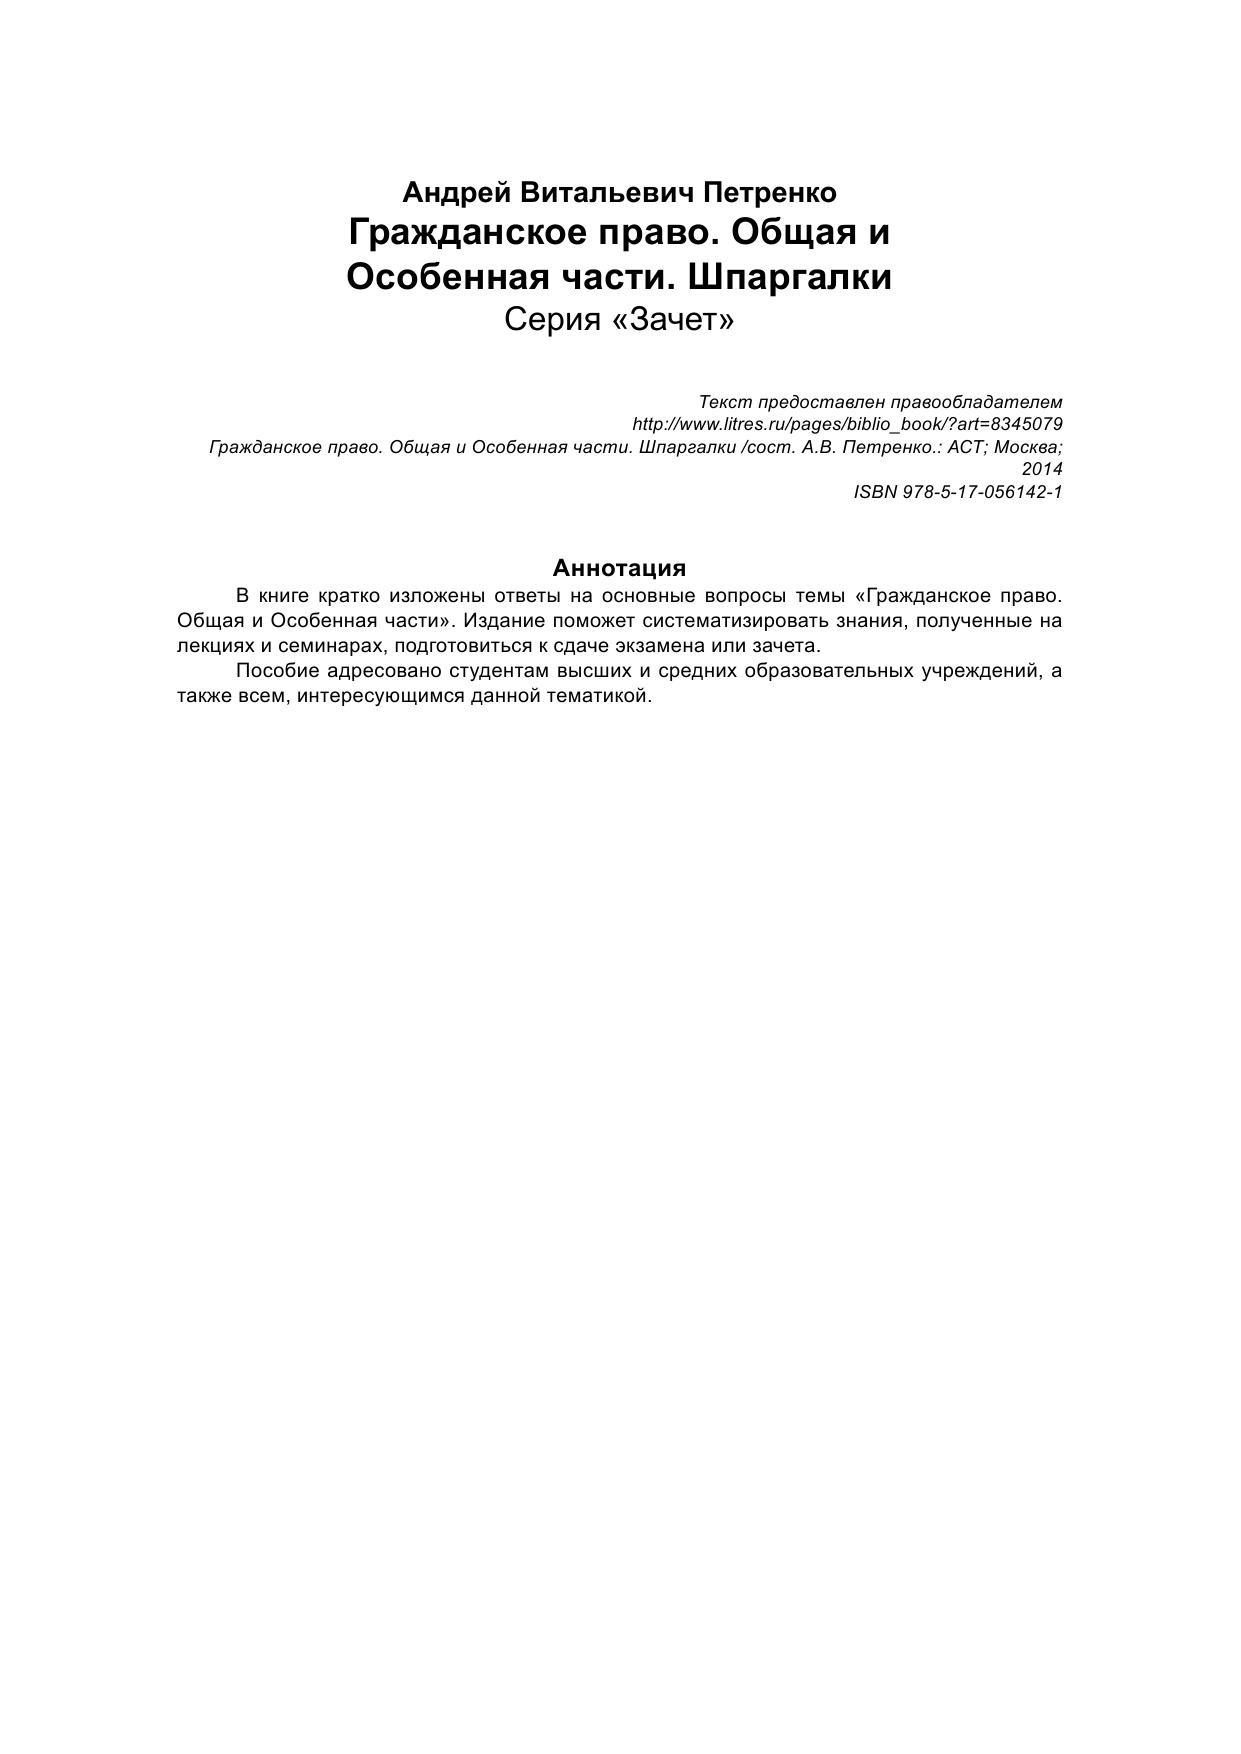 проката договор часть гражданскому по особенная шпаргалки праву